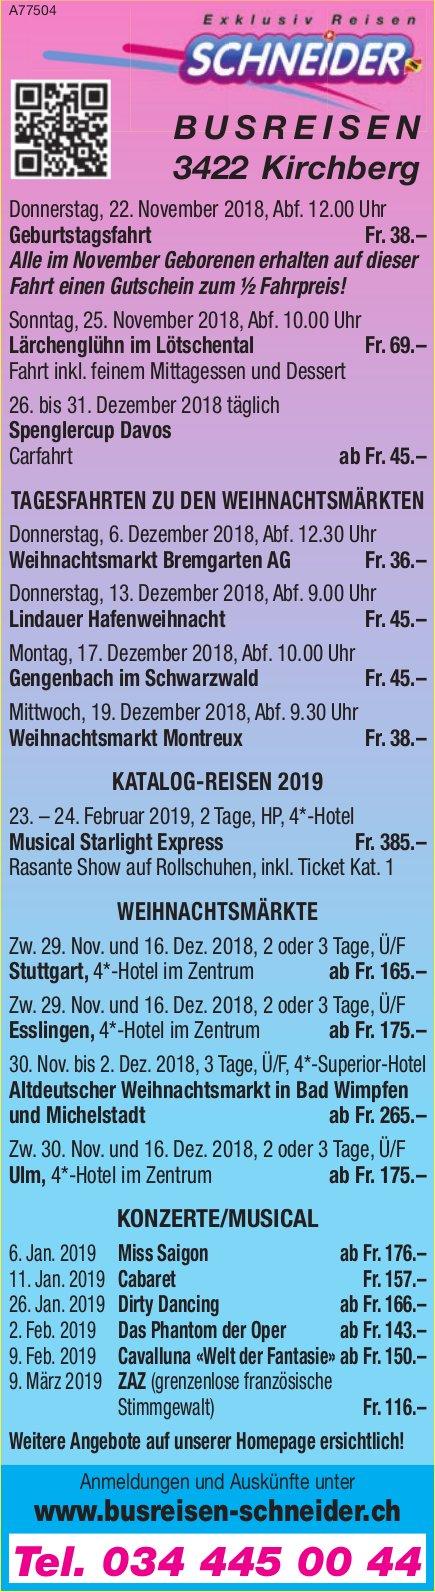 Schneider Busreisen, Programm